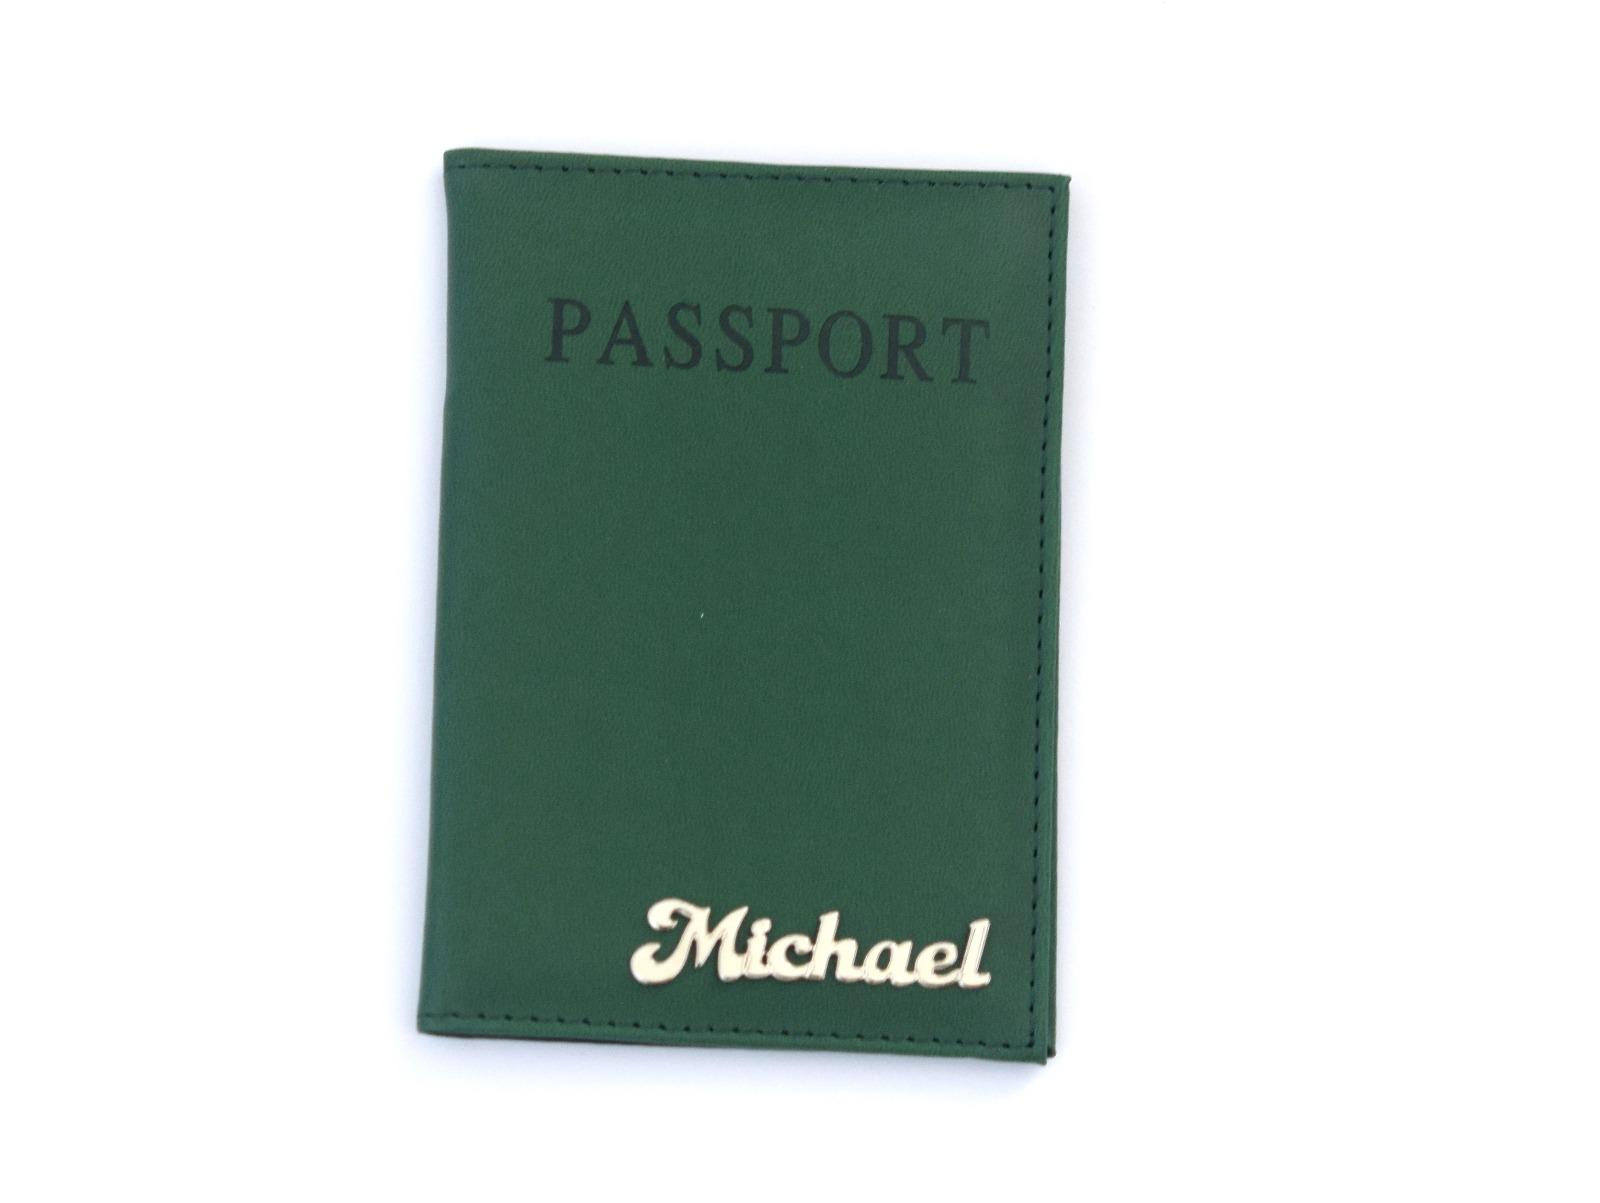 כיסוי לדרכון דמוי עור-ירוק בקבוק עם שם